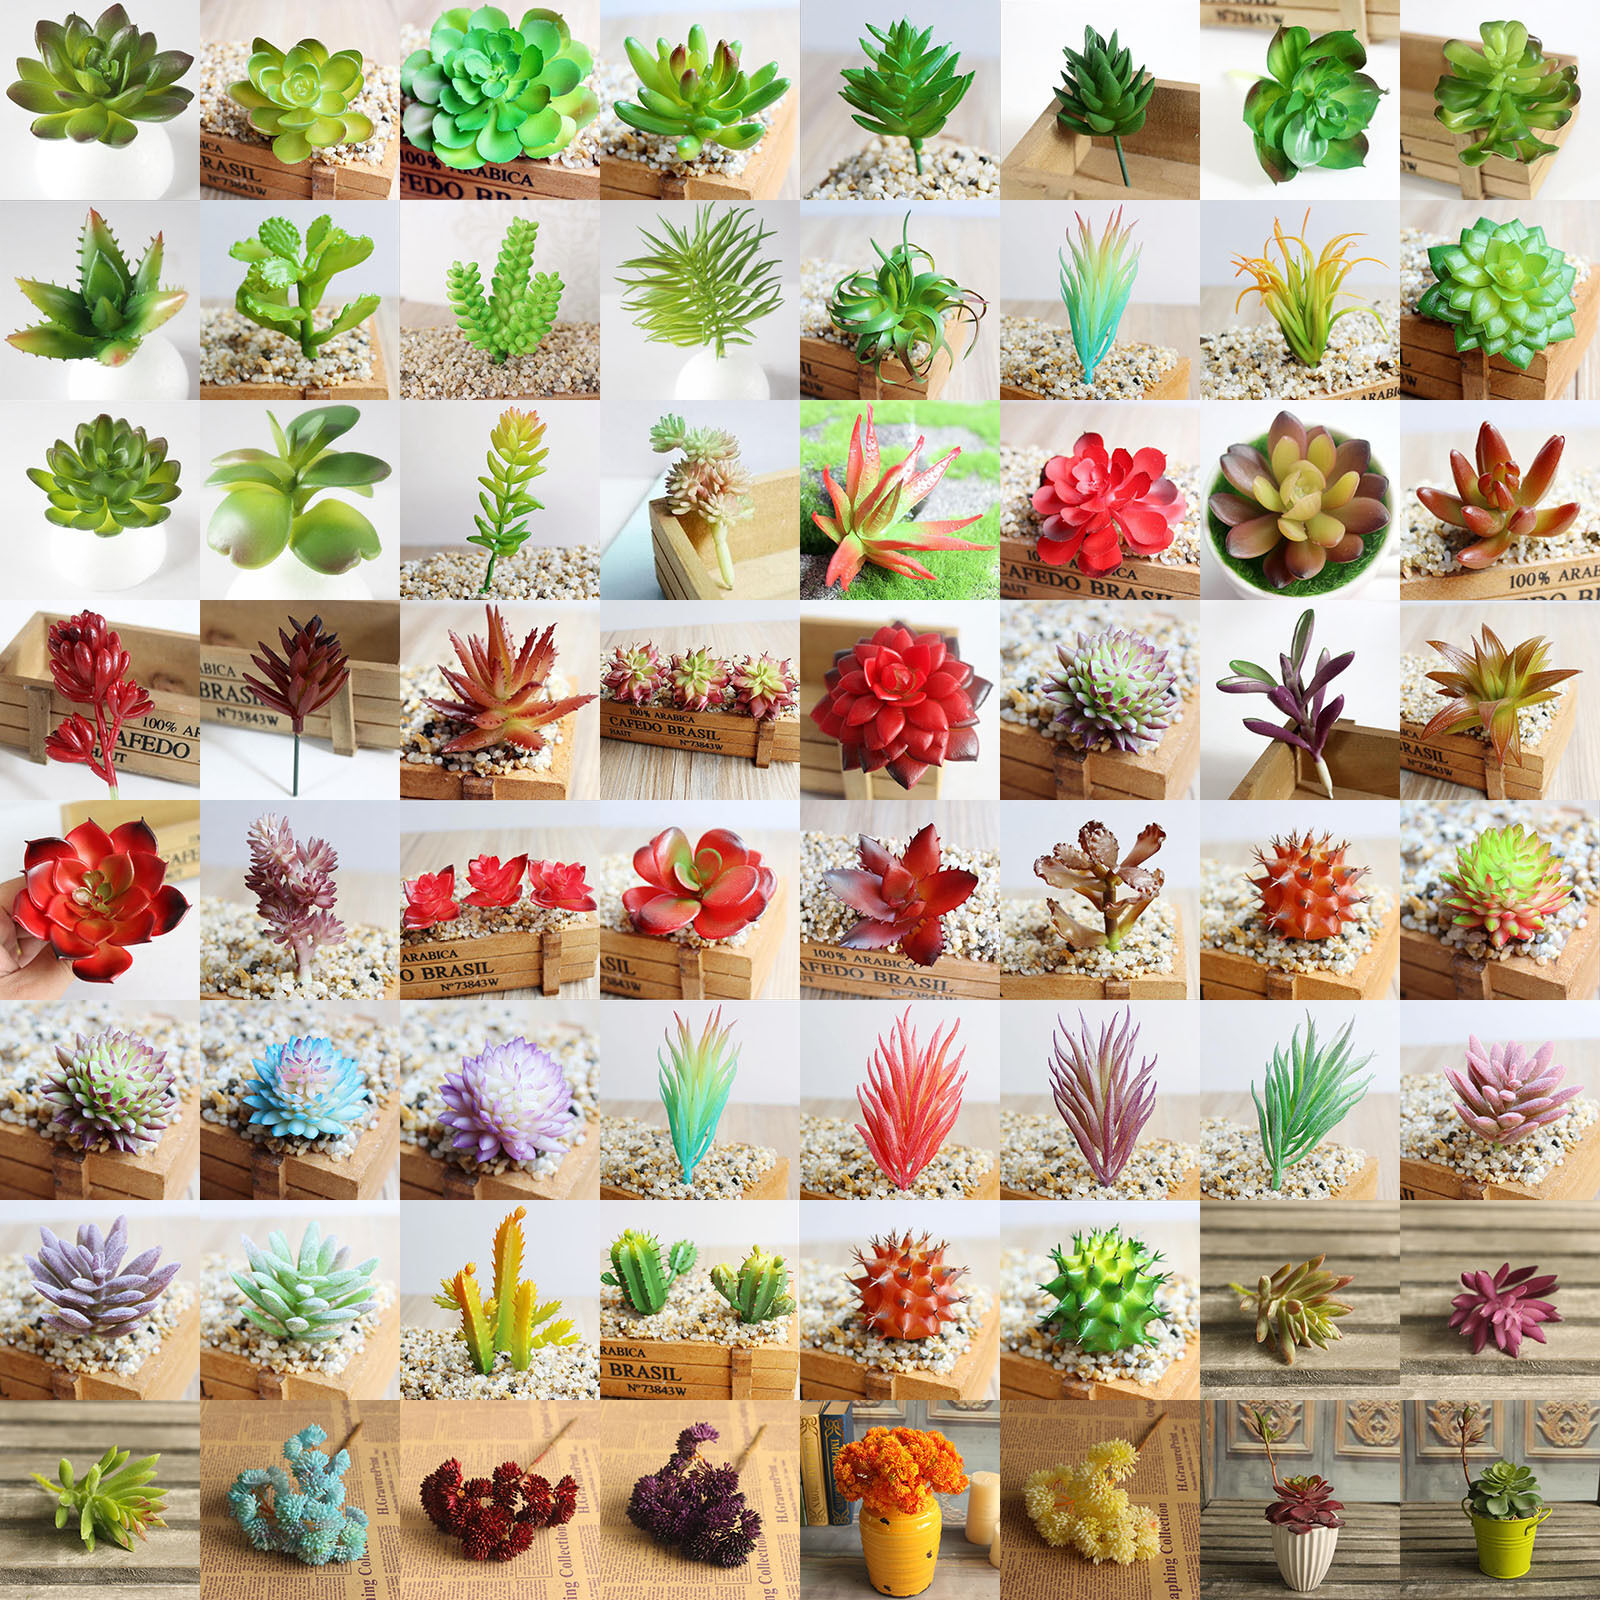 Artificiale Fiore Piante Grasse Piante Succulenti Pianta Succulente Grassa